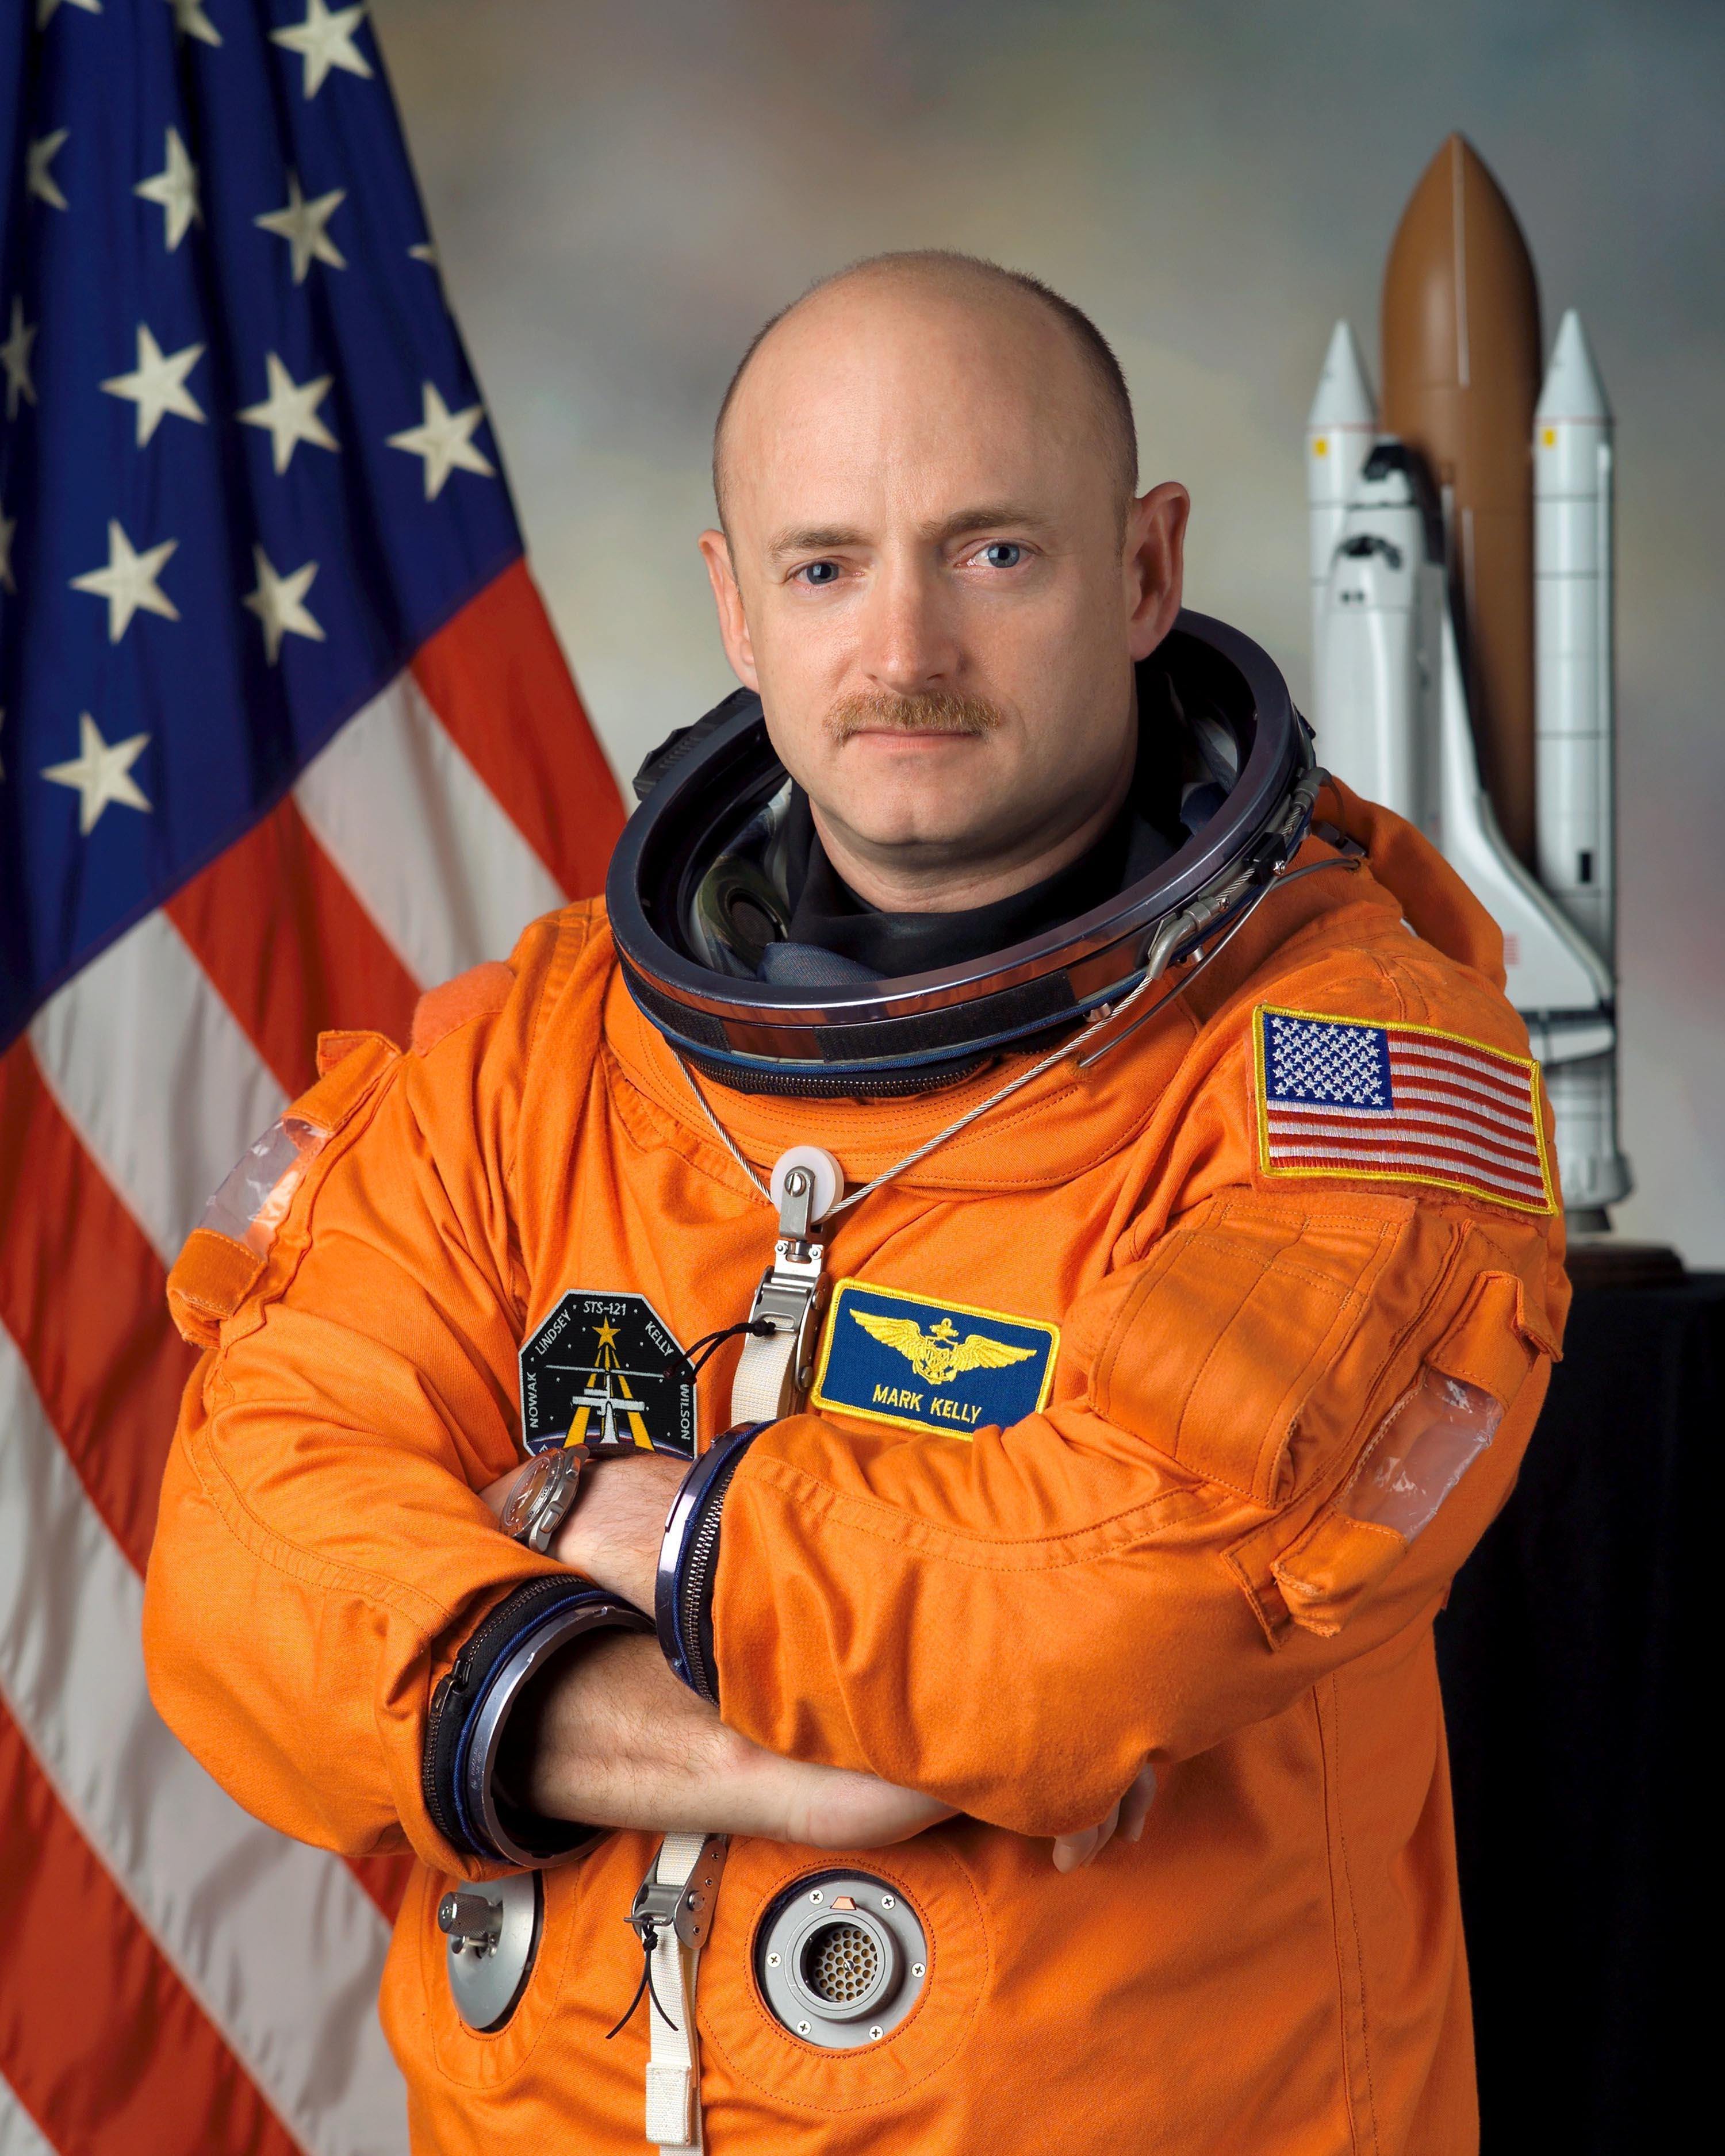 Commander Mark Kelly